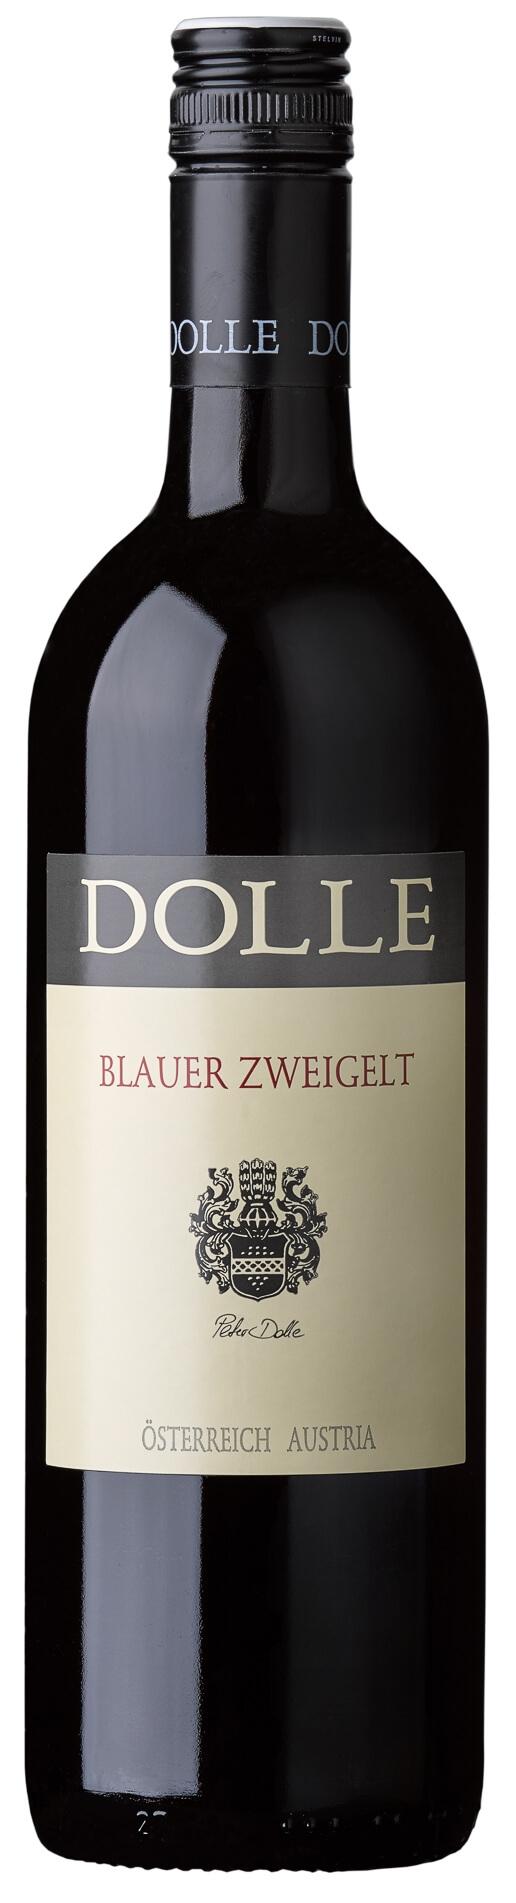 Blauer Zweigelt  2016 / Peter Dolle